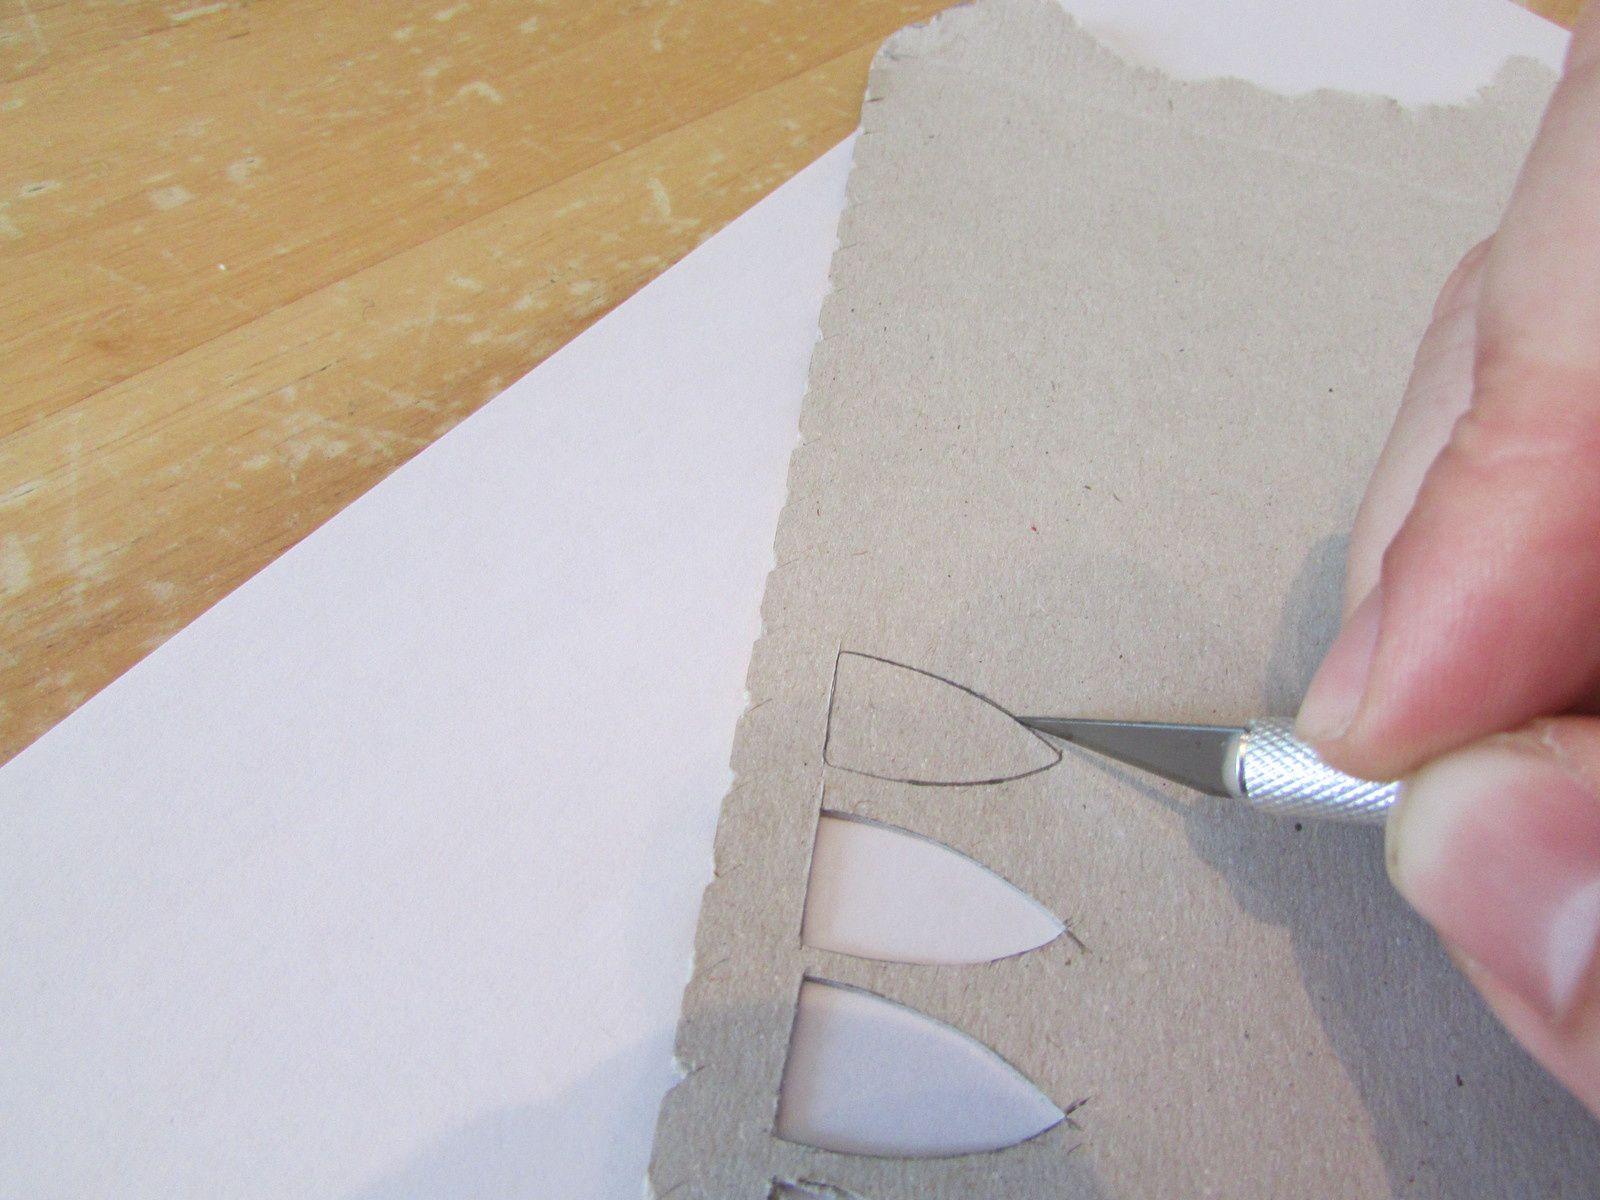 découpe du bouclier dans l'emballage céréale... pour donner la forme arrondie au bouclier, il suffit de le poser sur le cuillère en bois